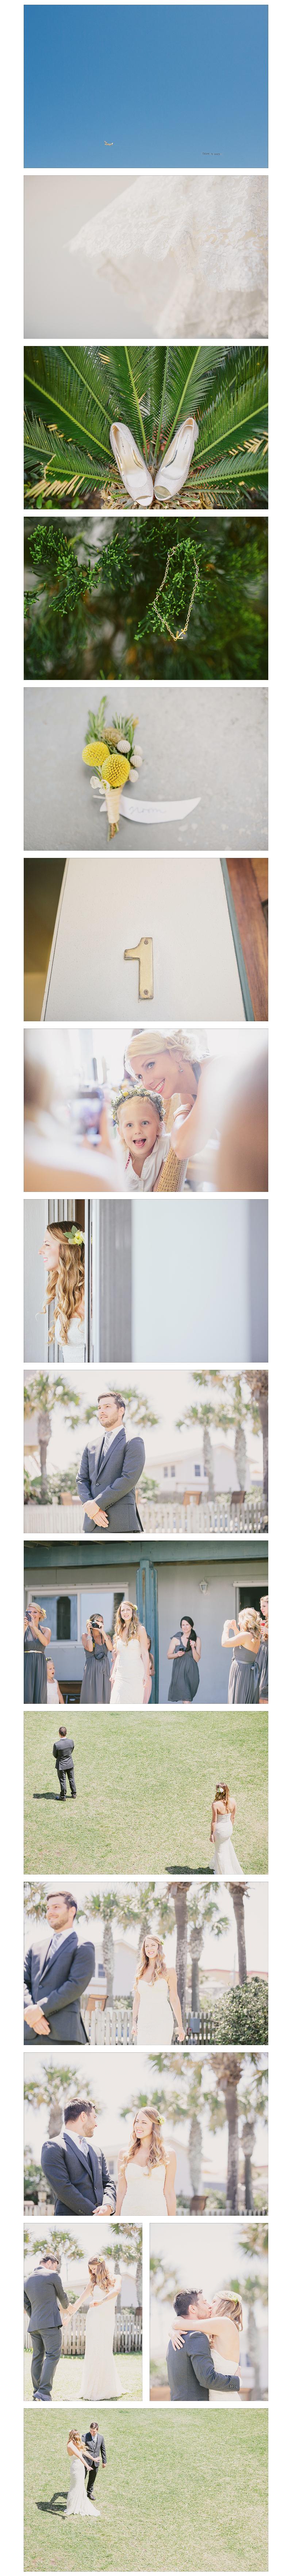 st augustine beach wedding 1.jpg